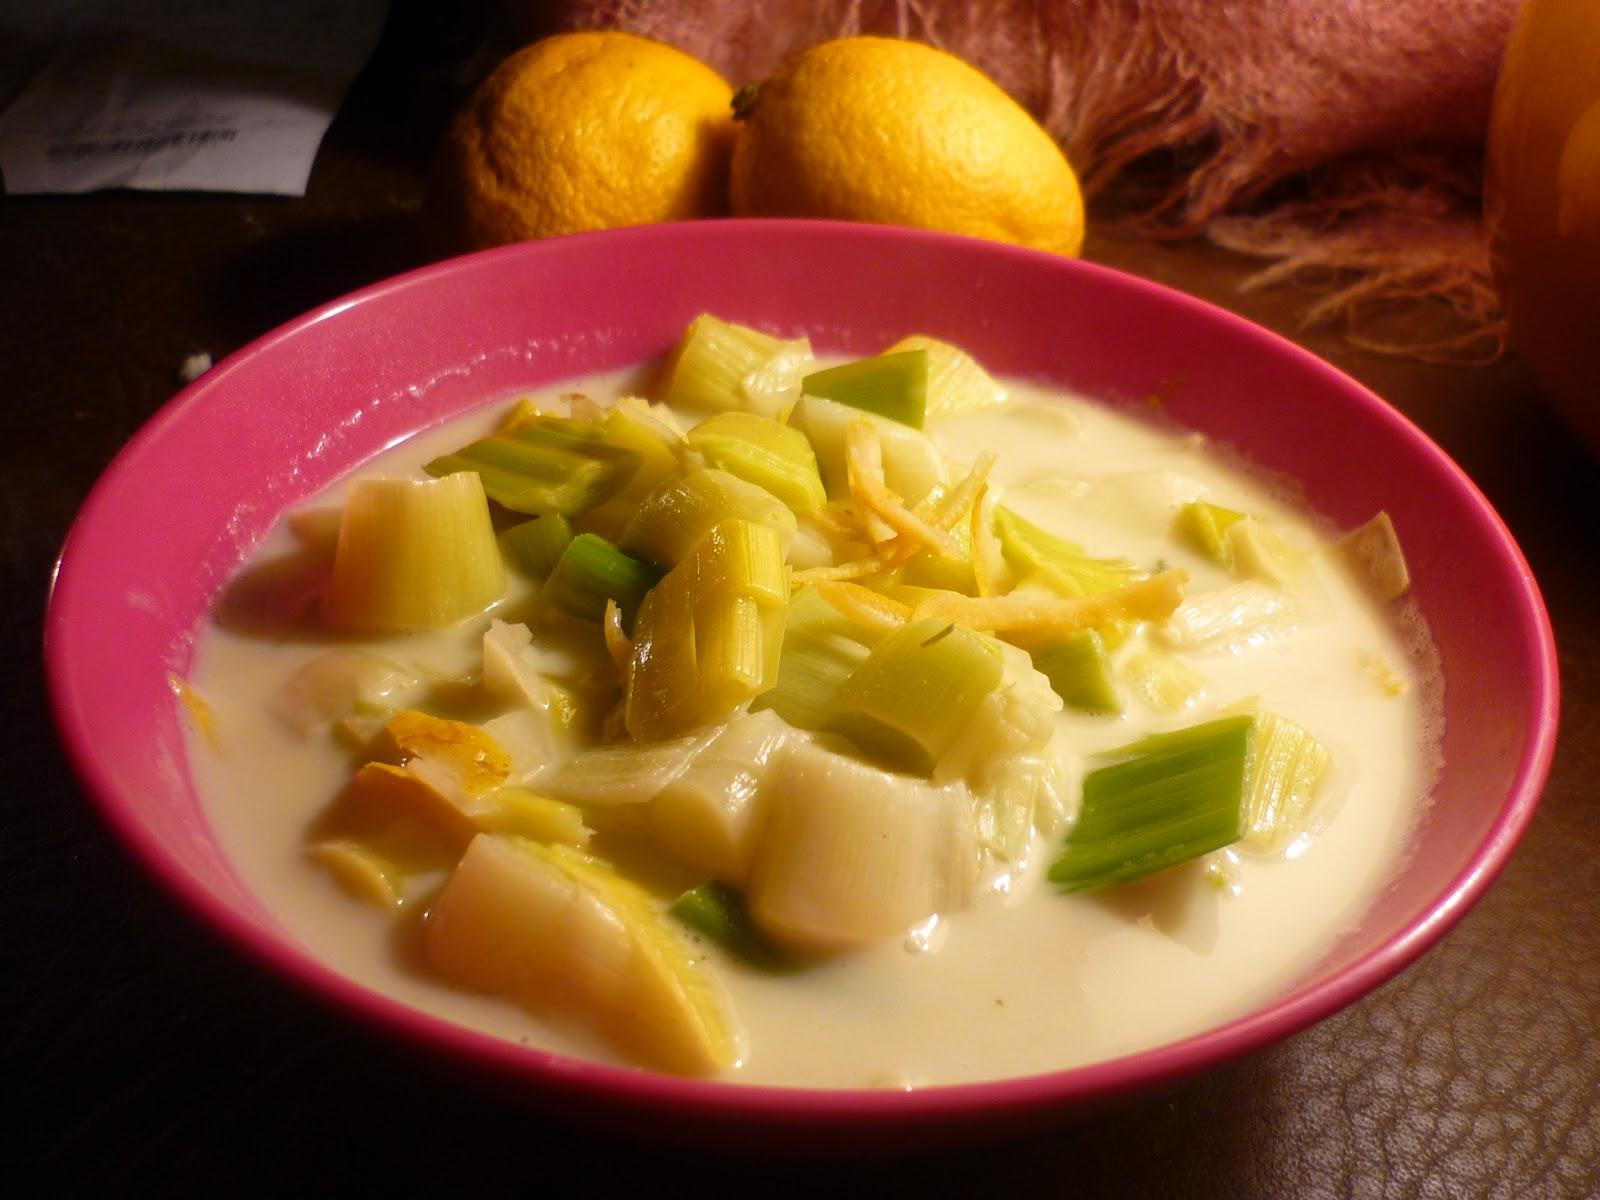 https://cuillereetsaladier.blogspot.com/2013/02/poireaux-en-nage-de-coco-citronnee.html